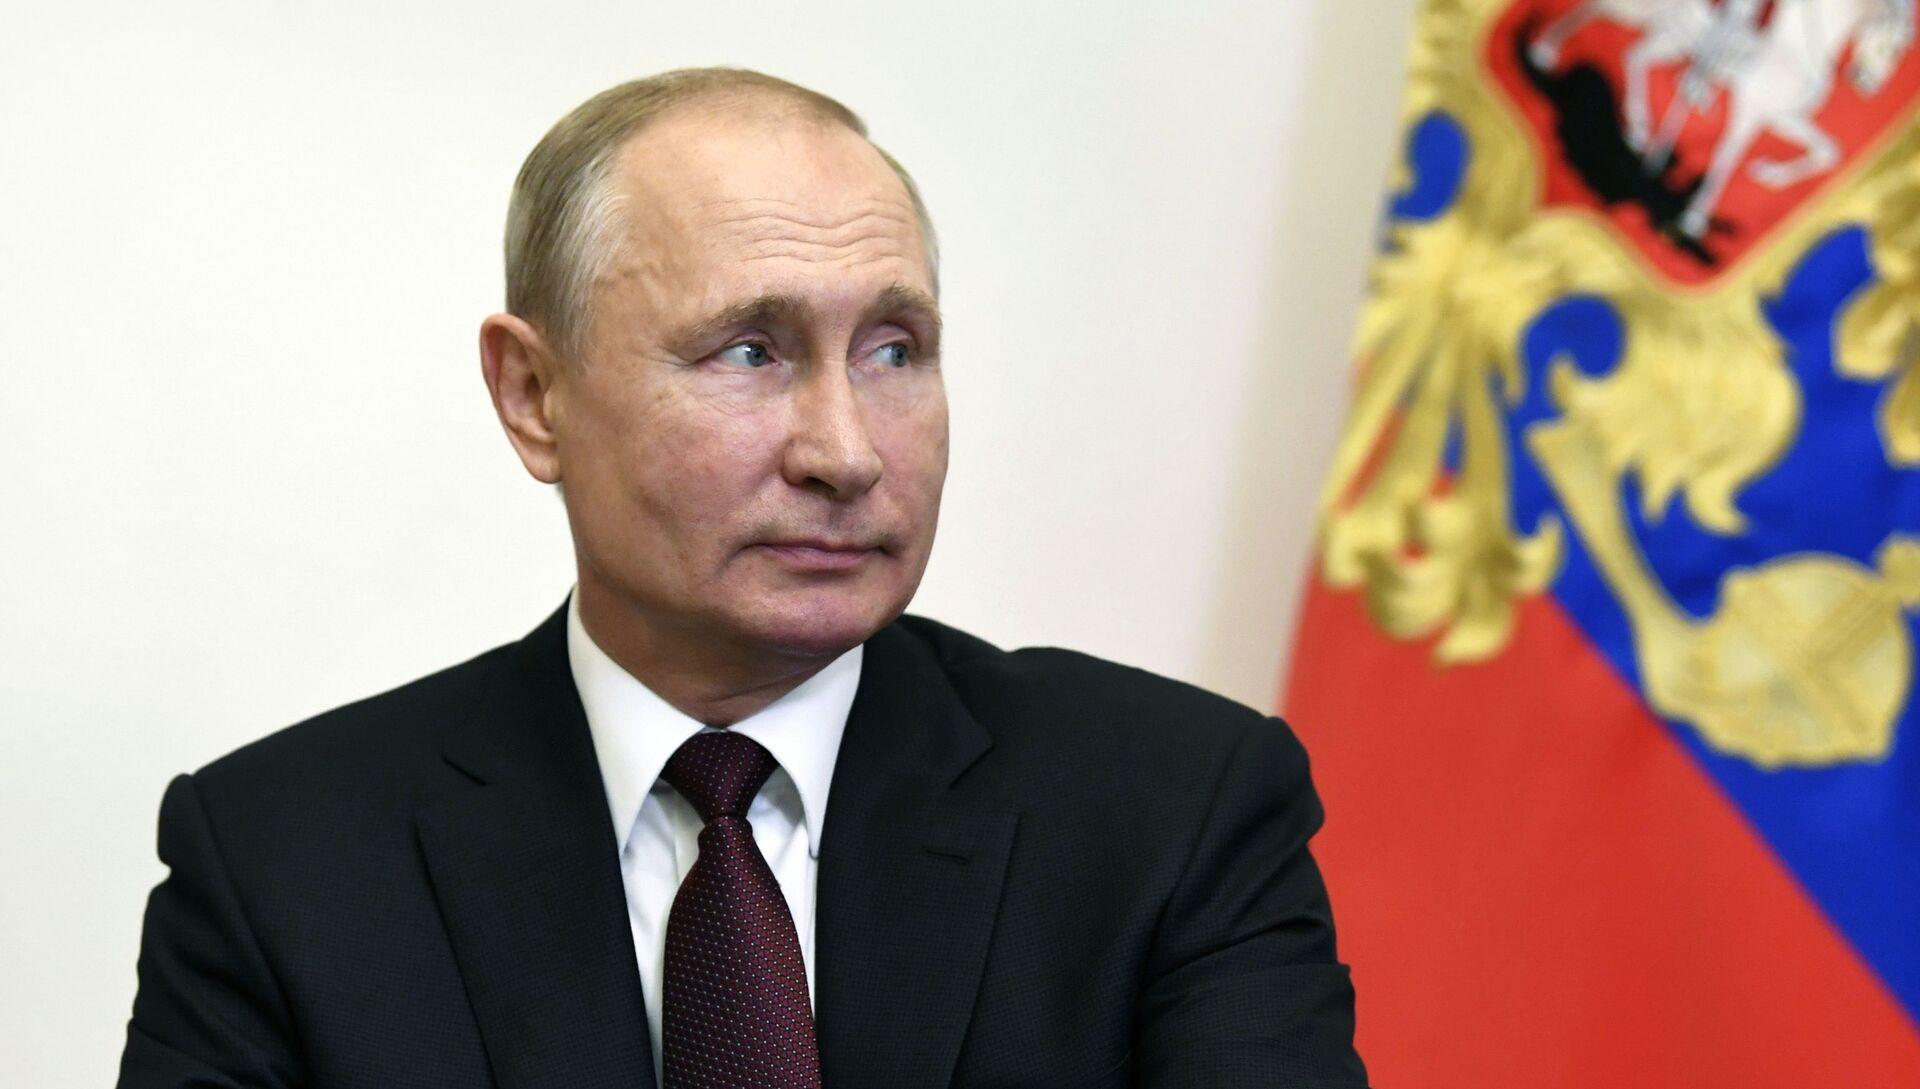 Президент РФ В. Путин провел заседание Совбеза РФ - РИА Новости, 1920, 09.09.2020